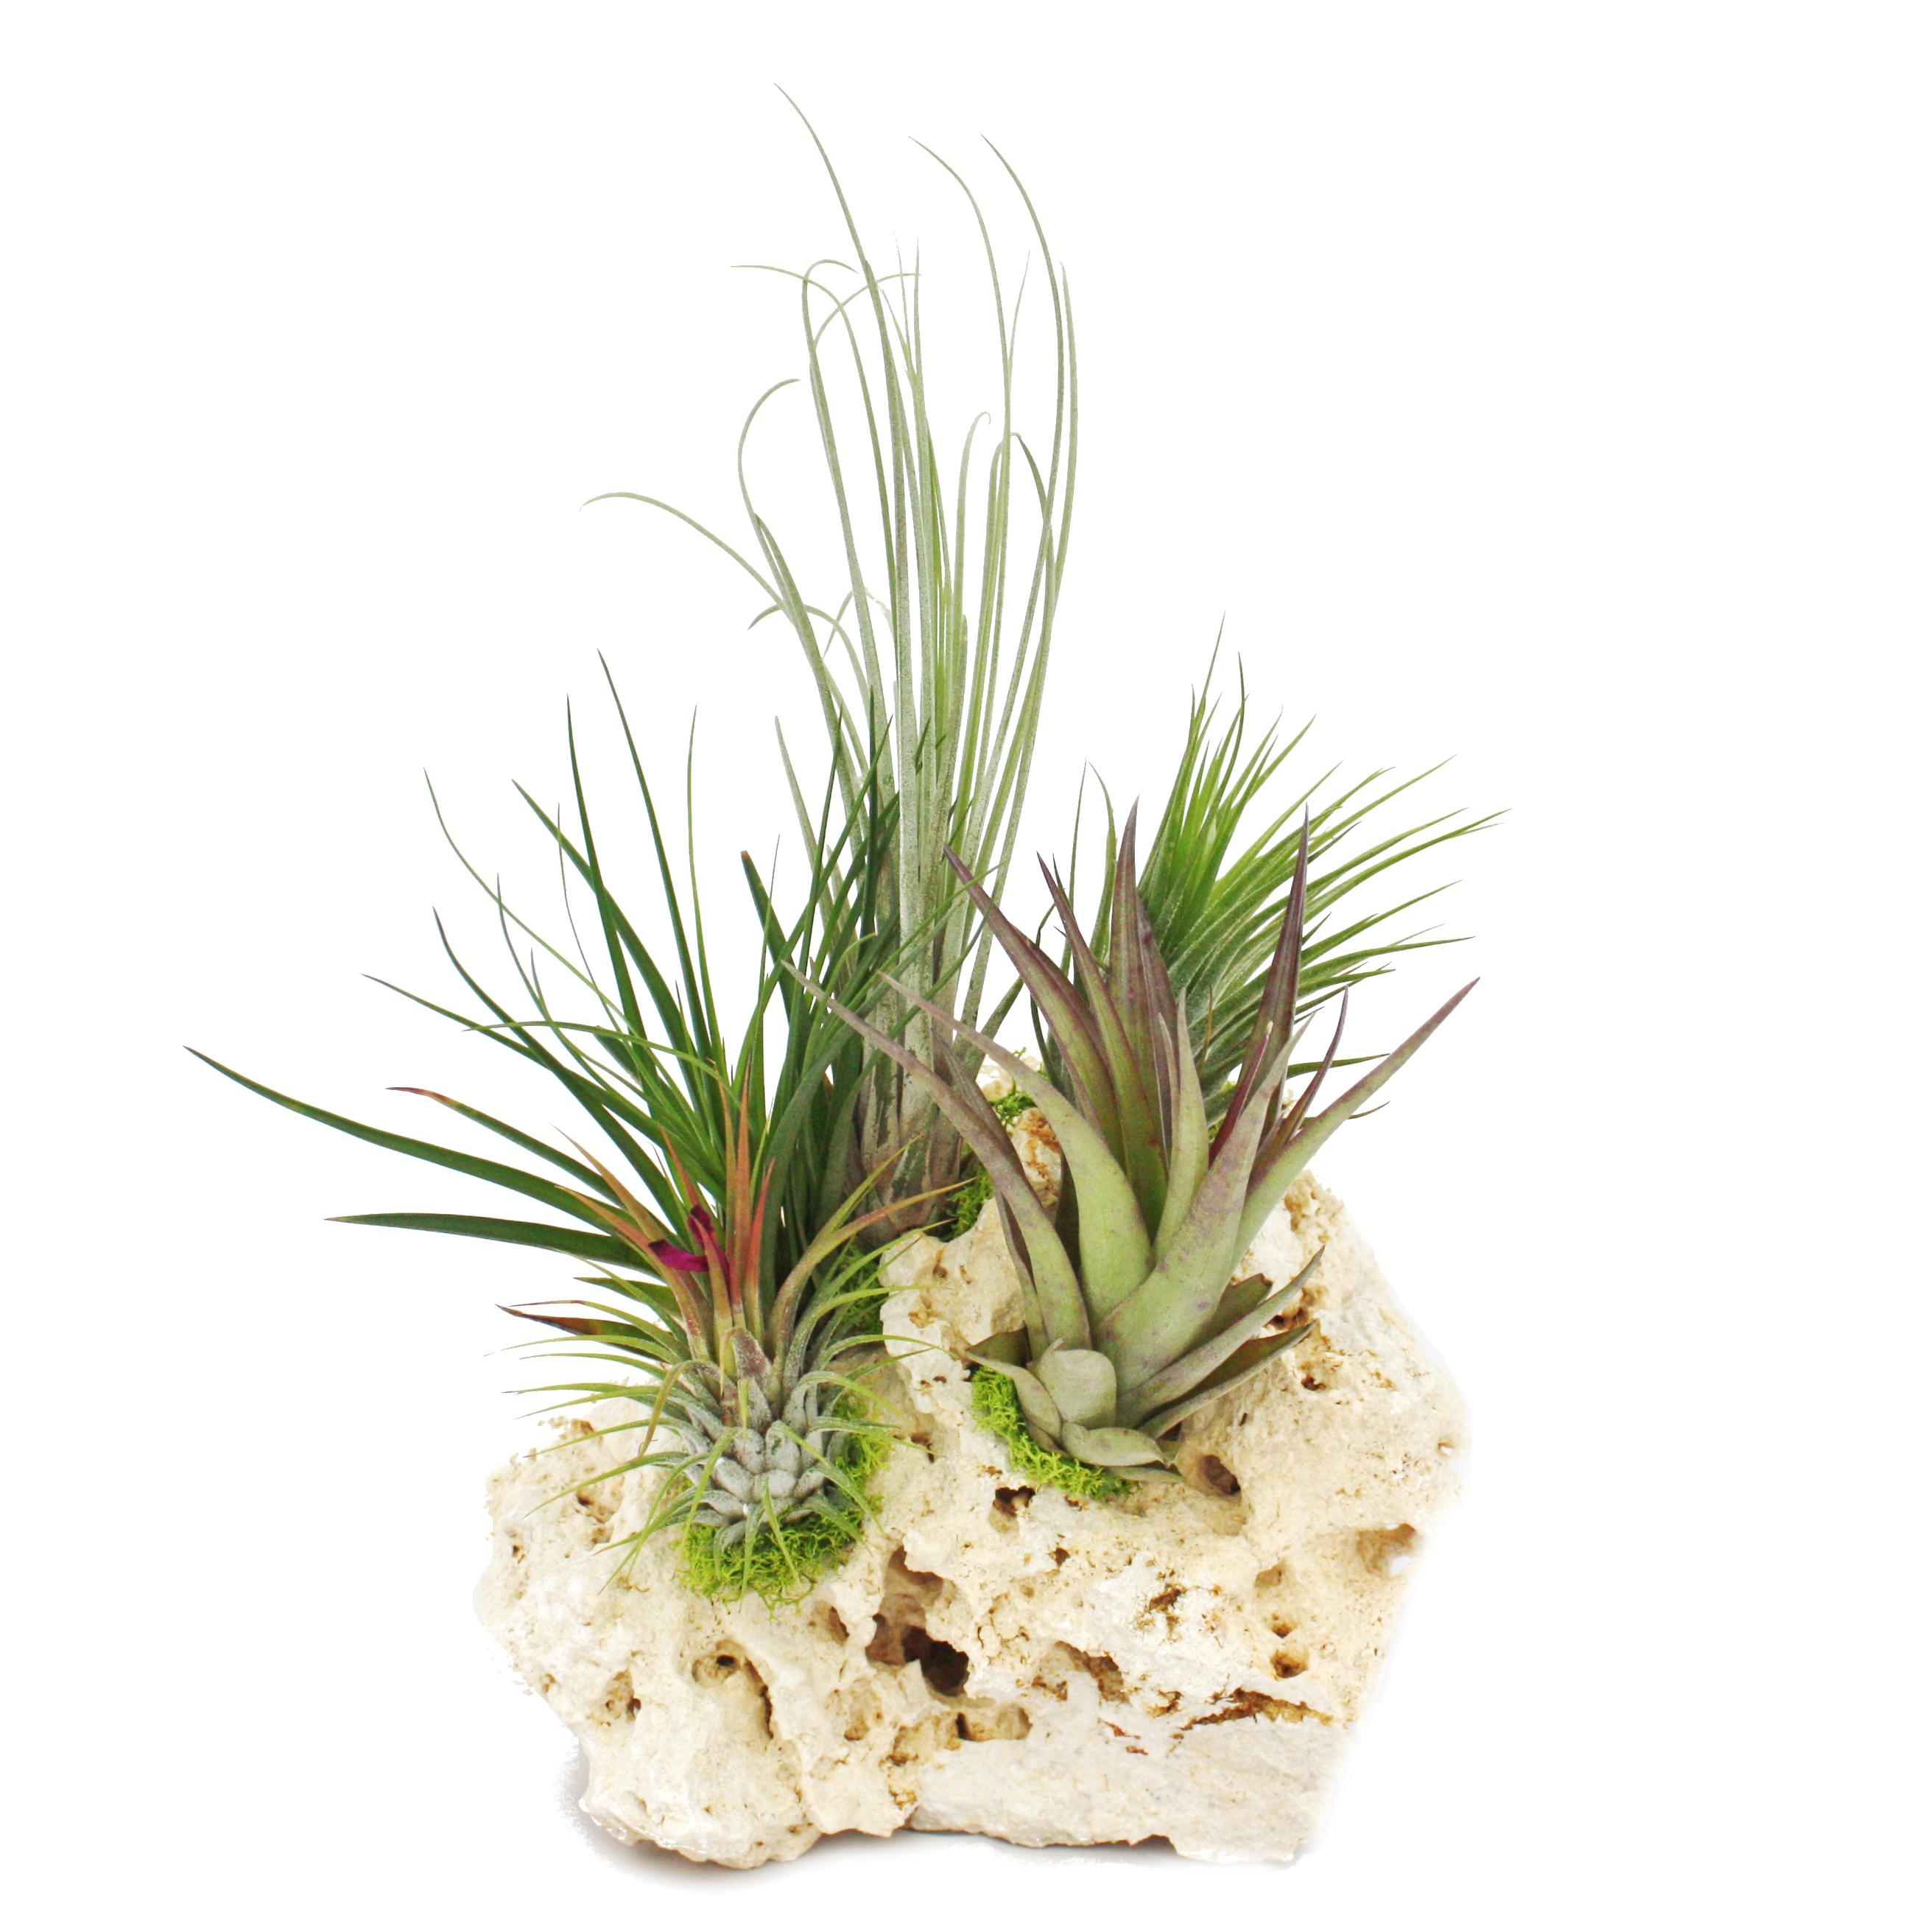 tillandsien auf sansibar rock 5 pflanzen ebay. Black Bedroom Furniture Sets. Home Design Ideas